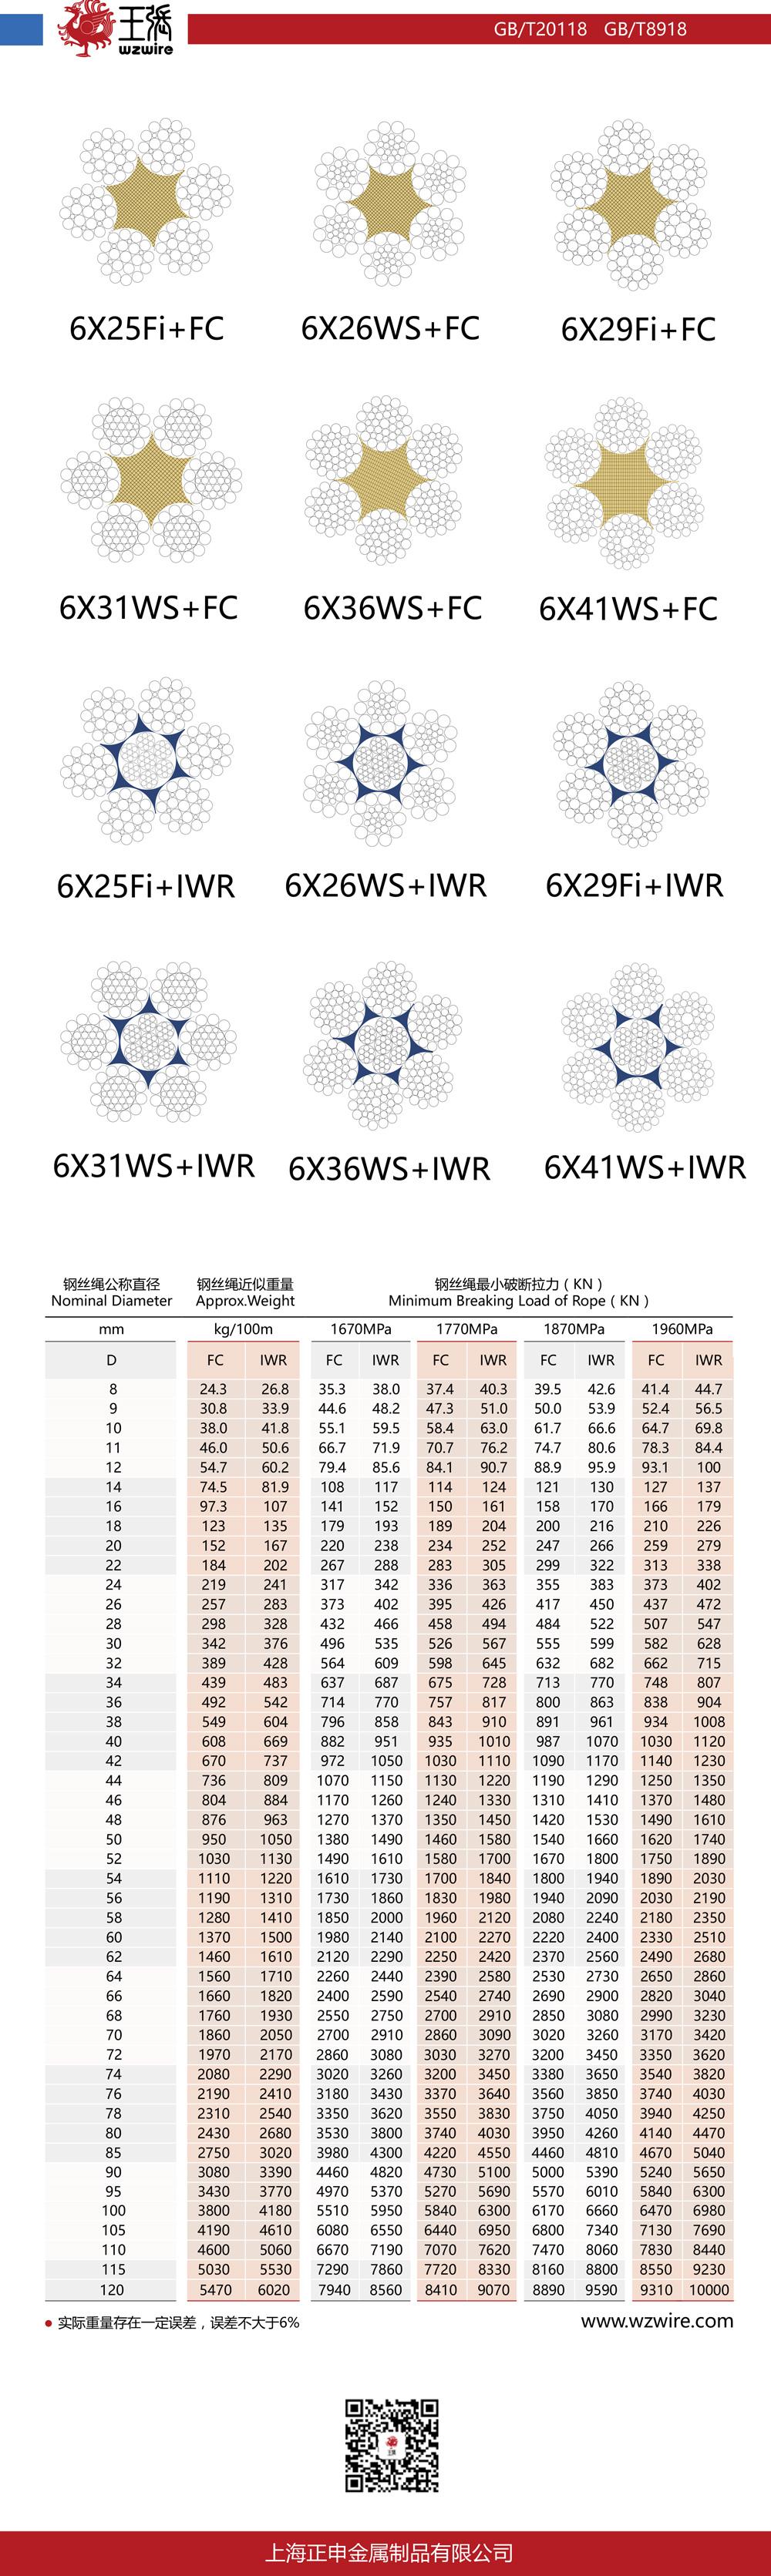 鋼絲繩6X26WS+FC、6X26WS+IWR…價格,鋼絲繩6X26WS+FC、6X26WS+IWR…批發,鋼絲繩6X26WS+FC、6X26WS+IWR…公司